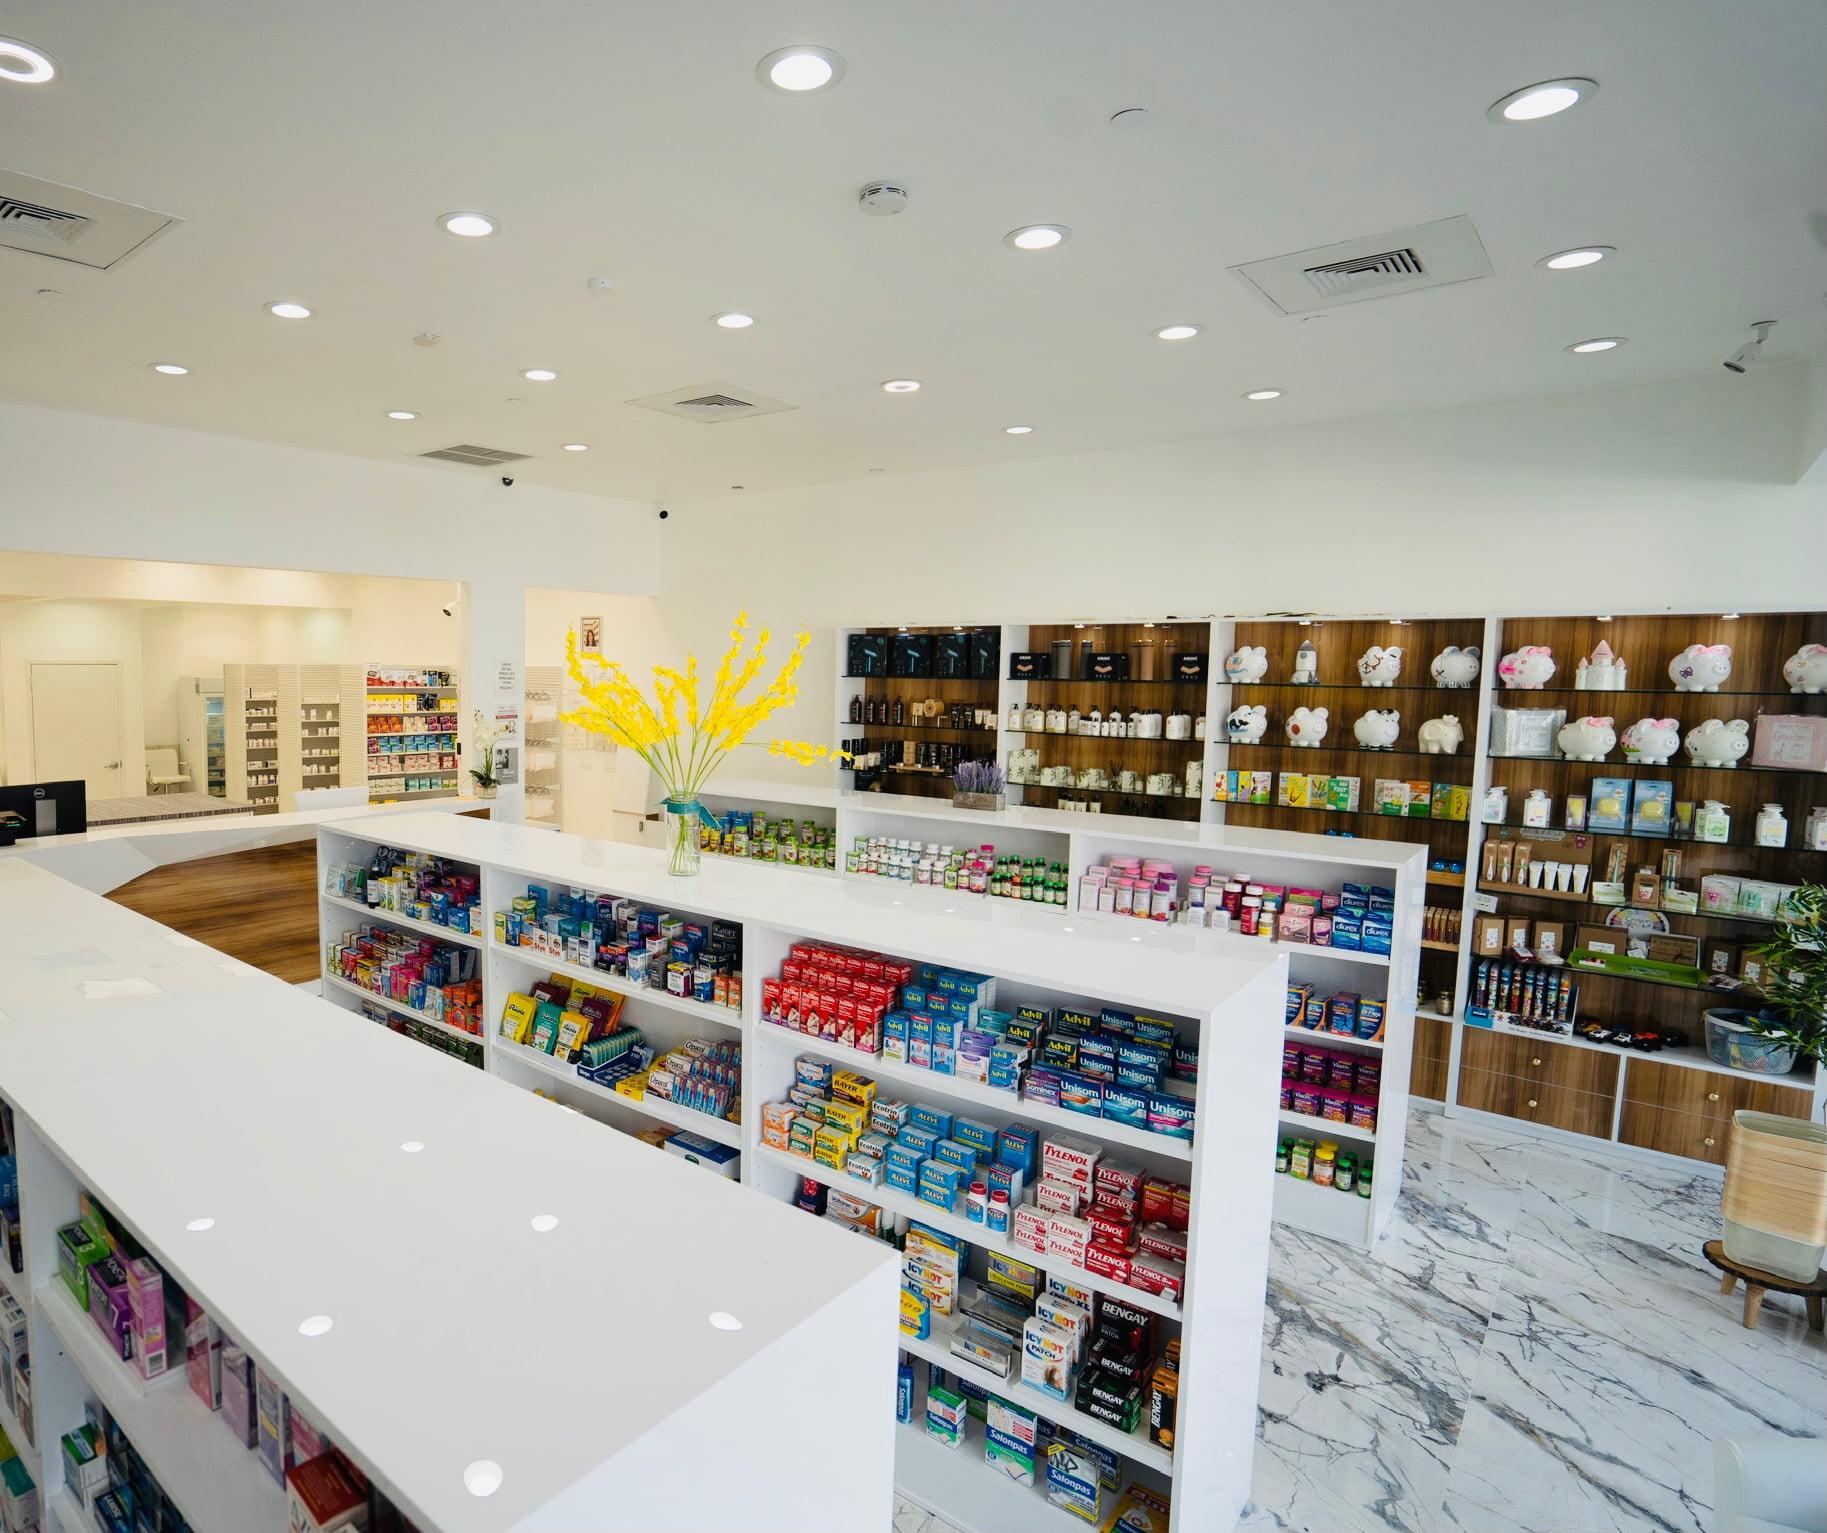 best pharmacy in my area